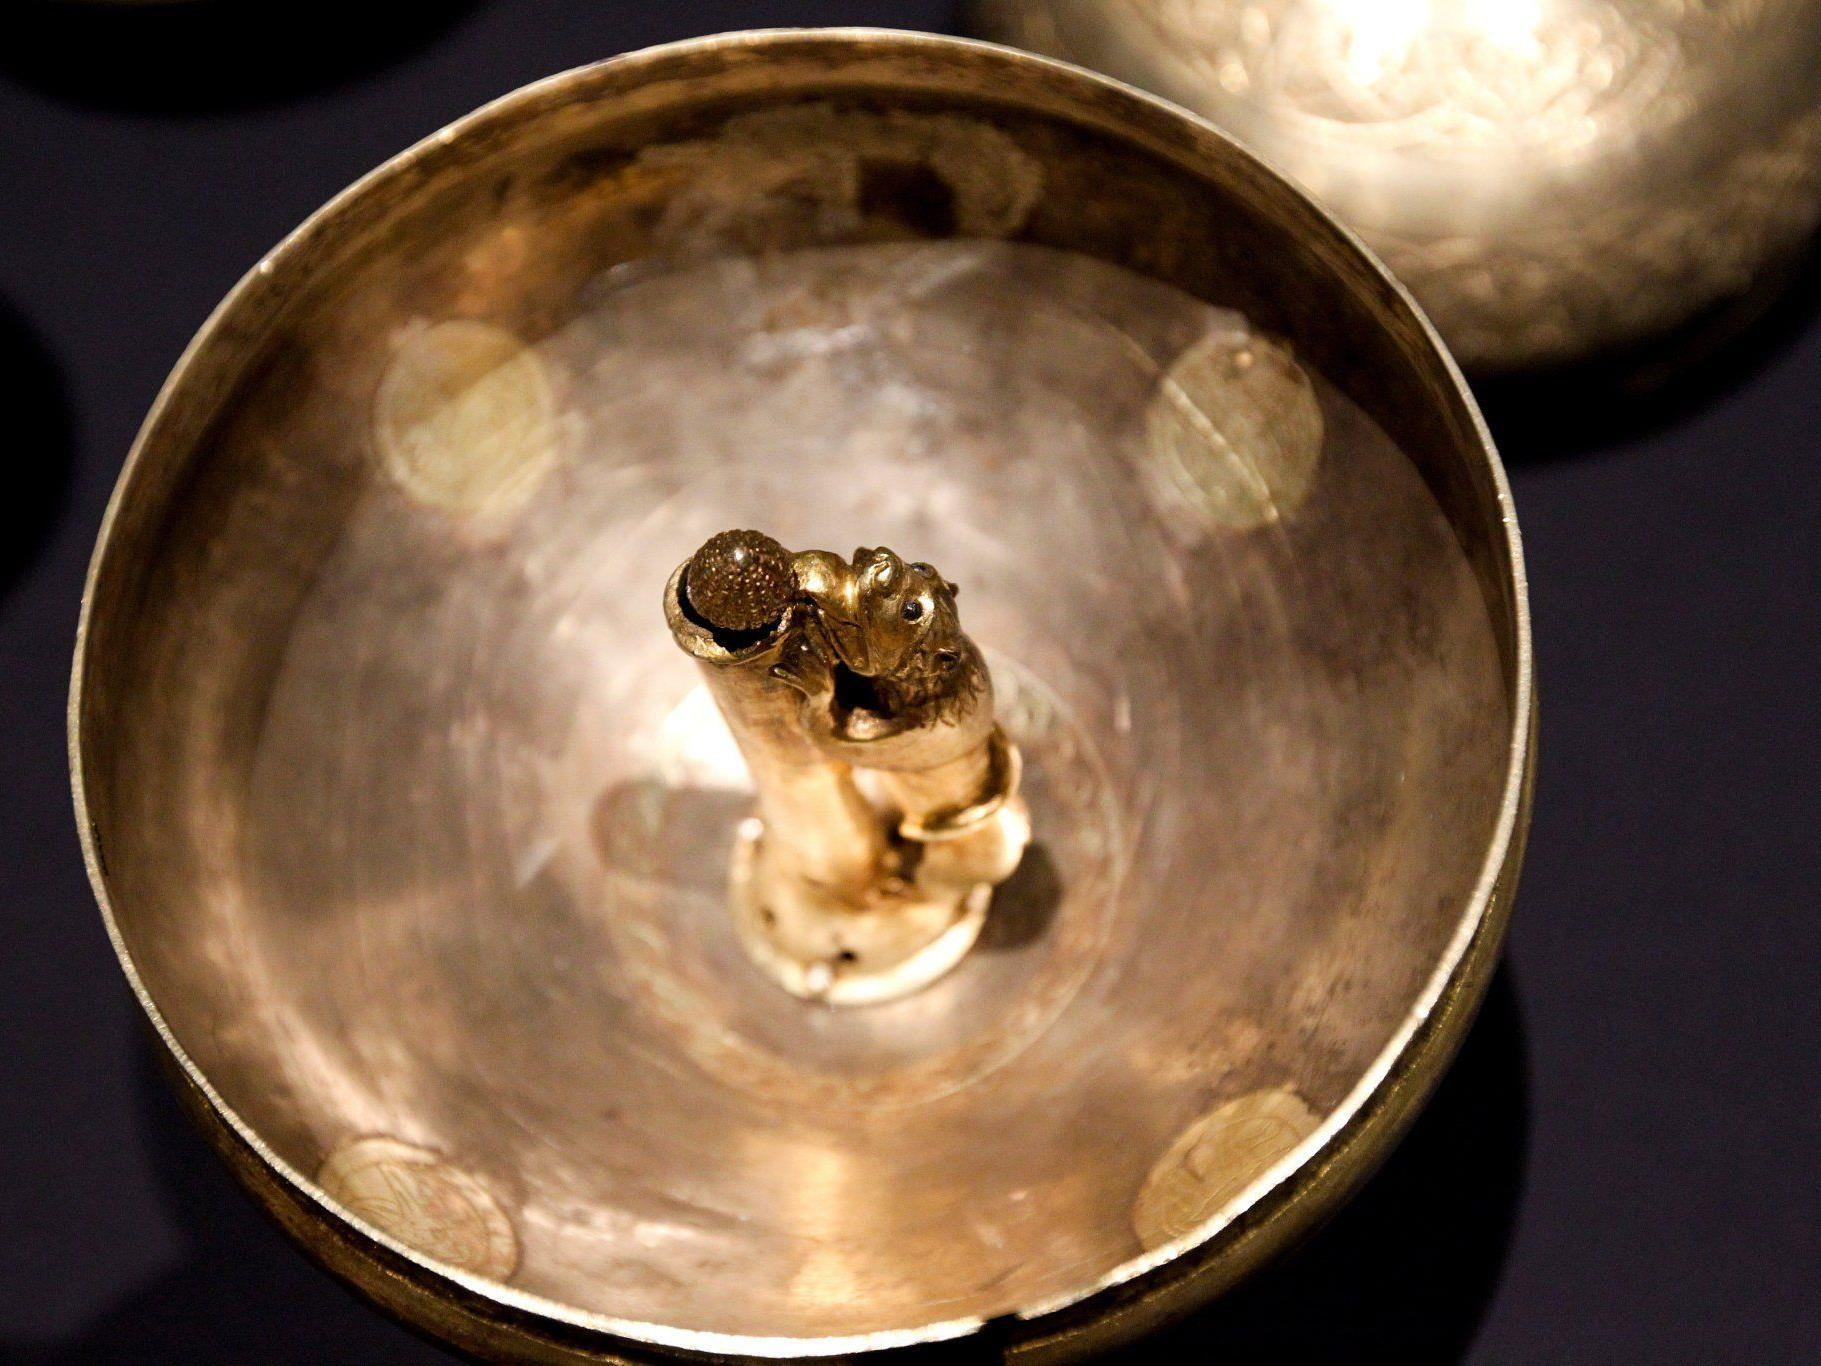 Das Objekt der (technischen) Begierde: Gold - in Katalysatoren in feinstem Staub.